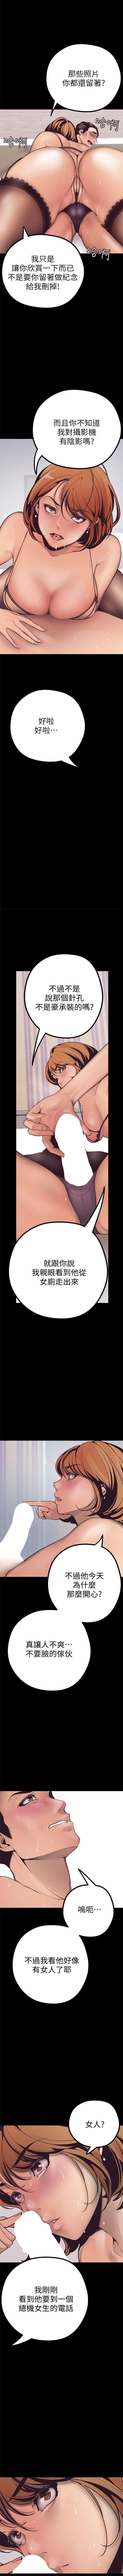 (週1)美麗新世界 1-70 中文翻譯 (更新中) 43